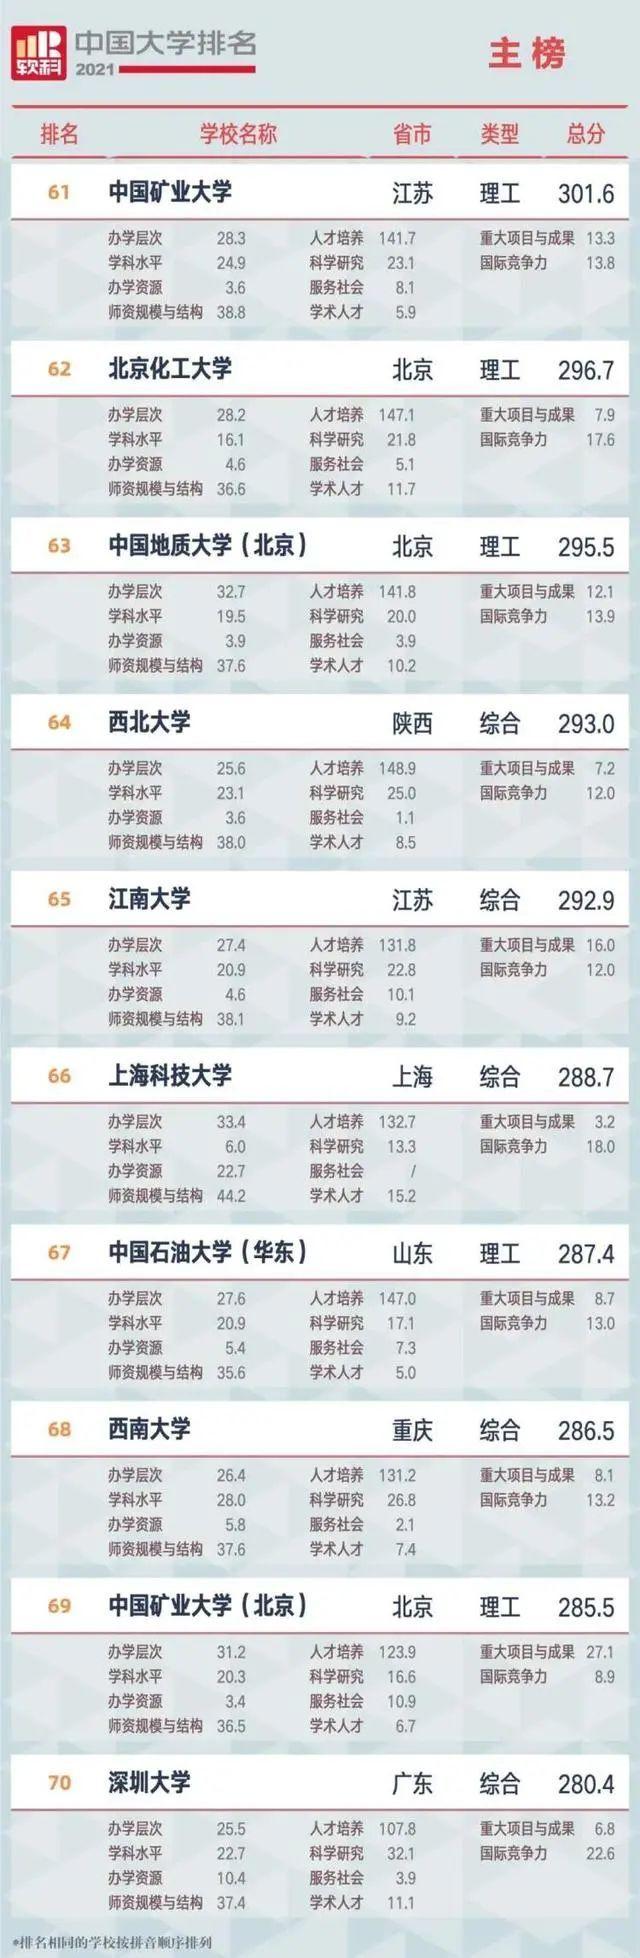 中国大学排名发布!辽宁两高校进前40!